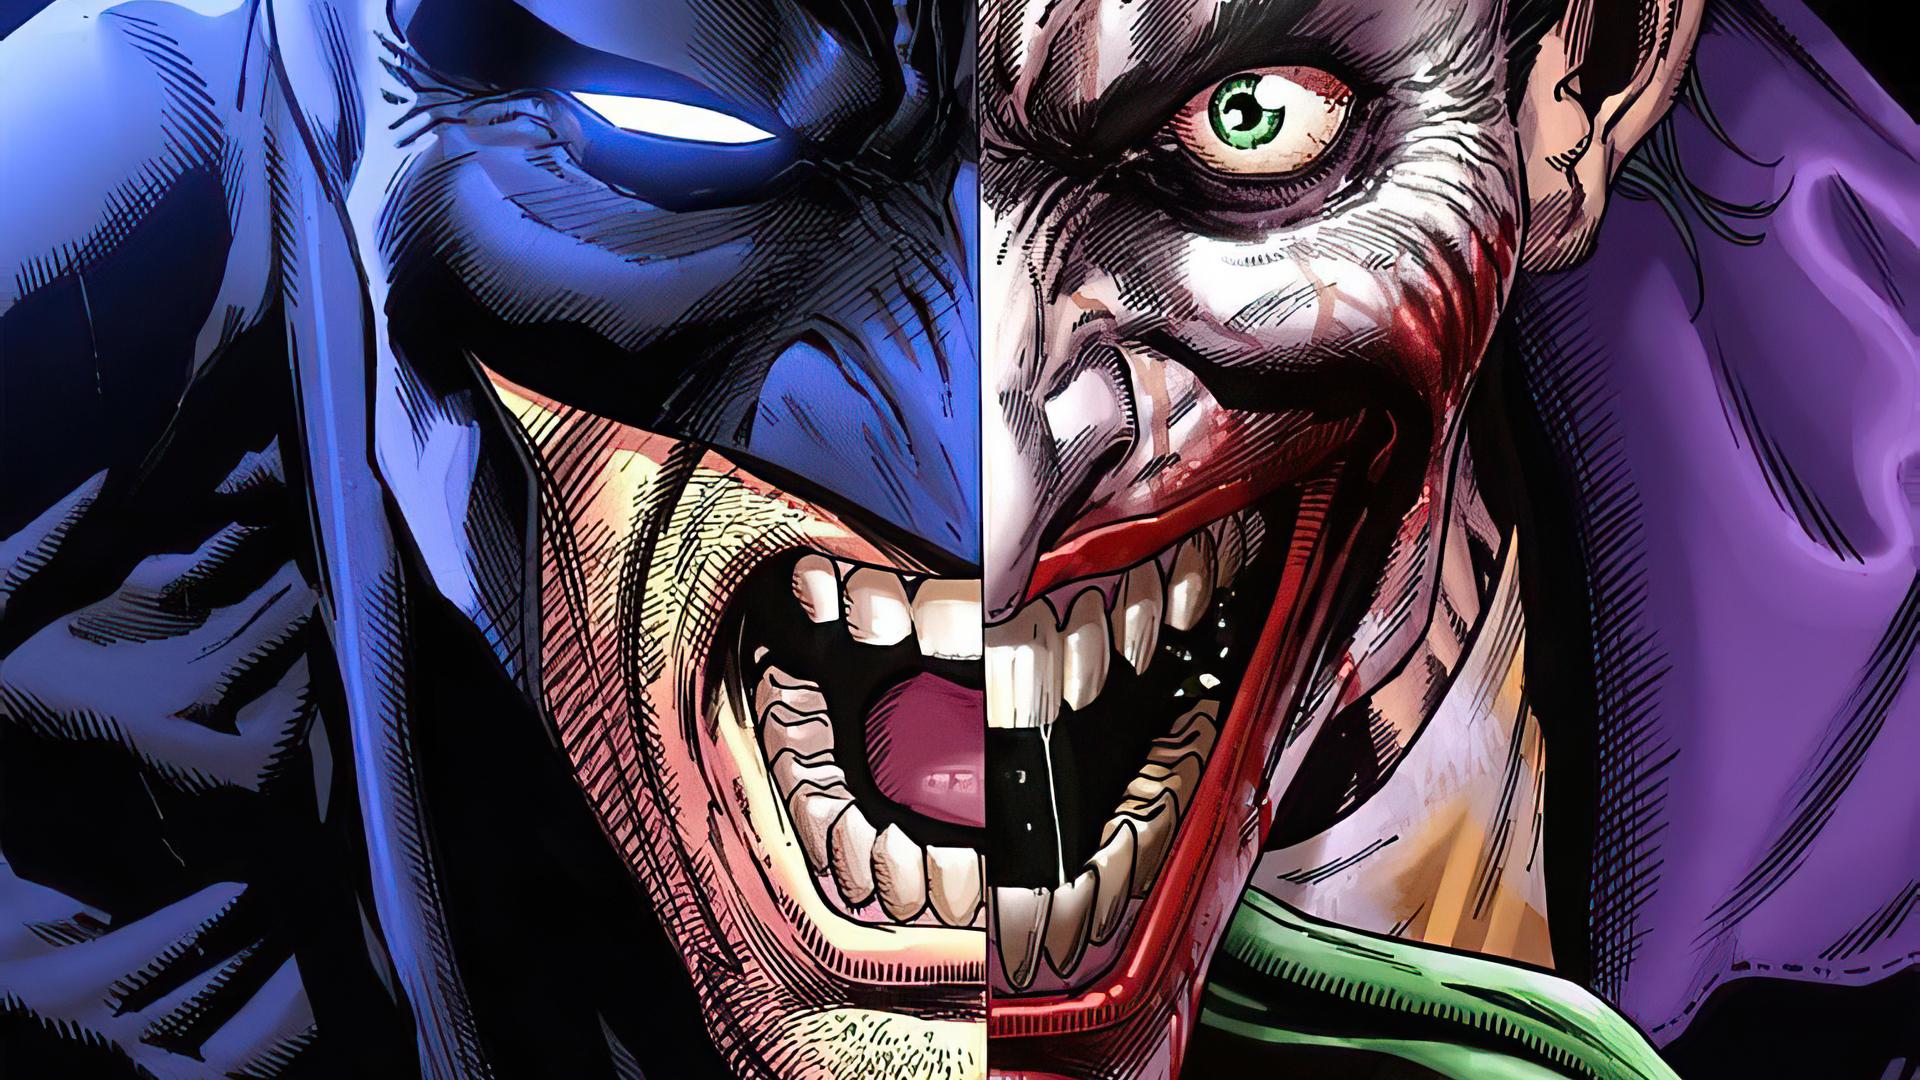 1920x1080 Batman Joker 2020 Laptop Full HD 1080P HD 4k ...